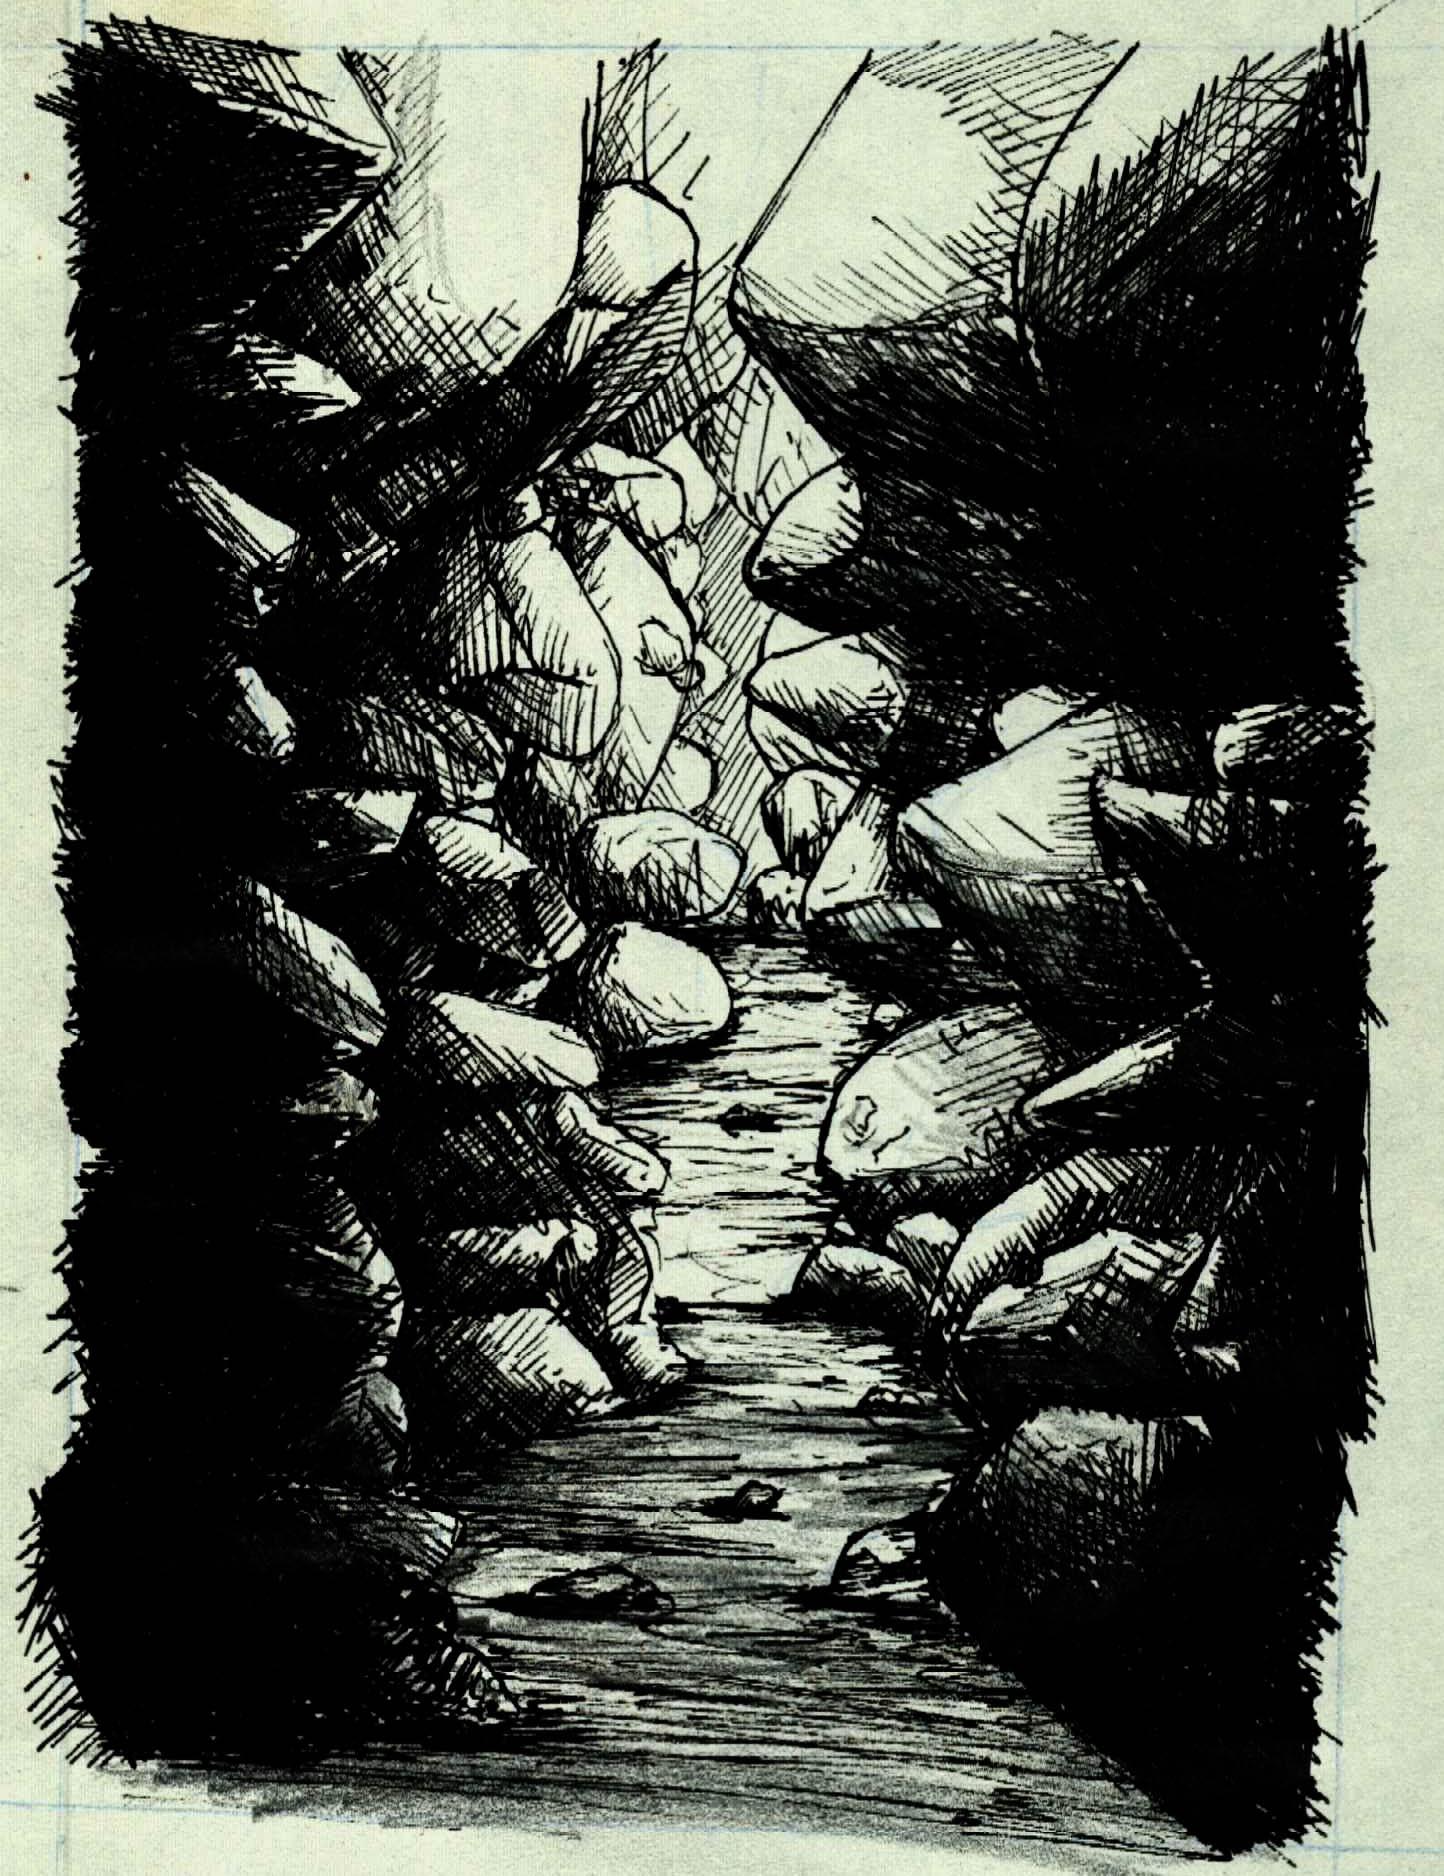 Caverne - 2016